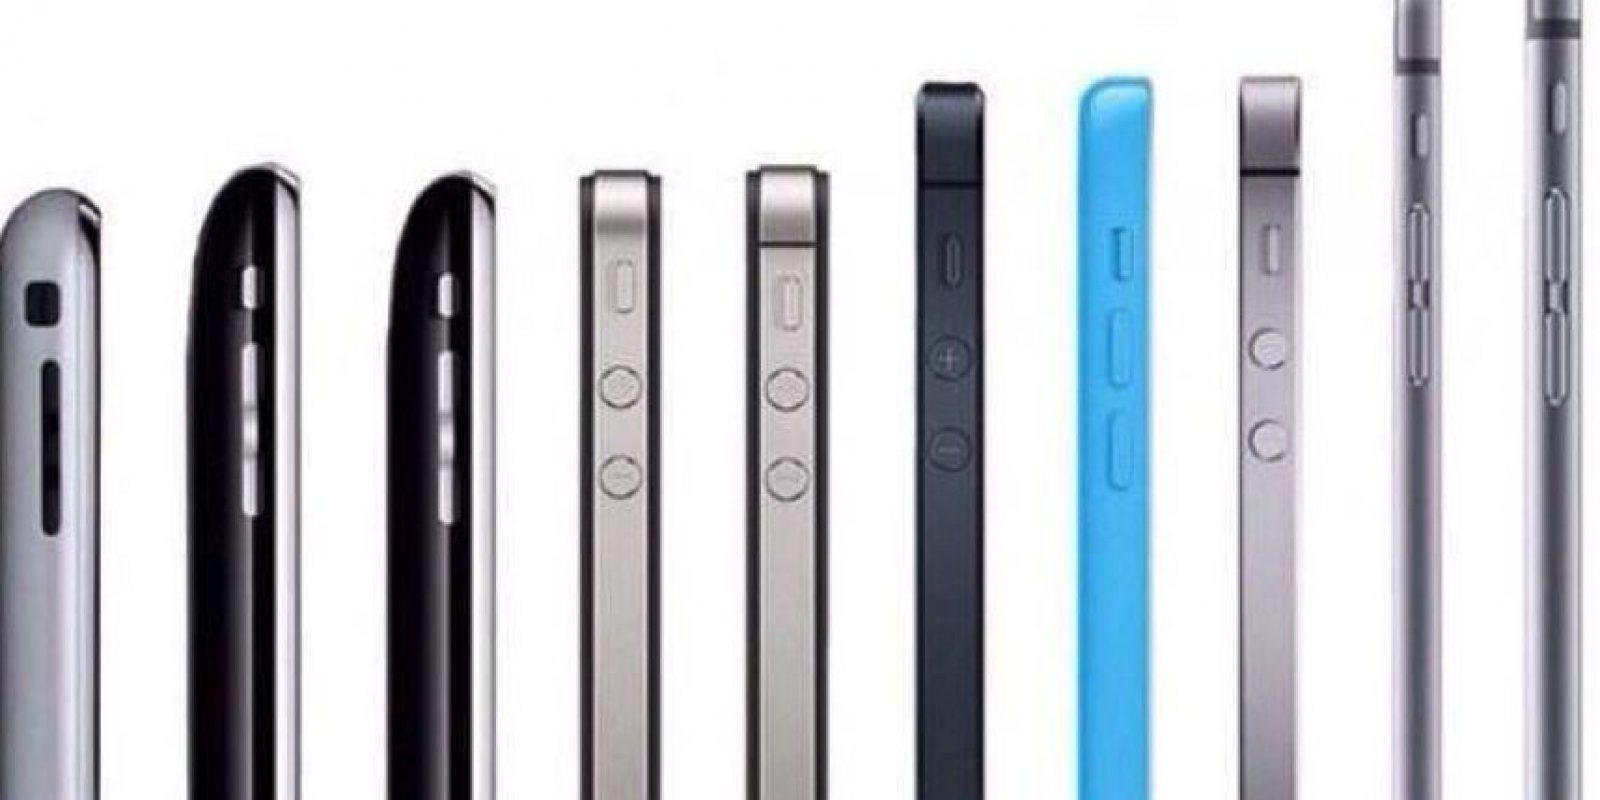 Expertos y fanáticos piensan que el próximo iPhone será la versión 7 Foto:Tumblr